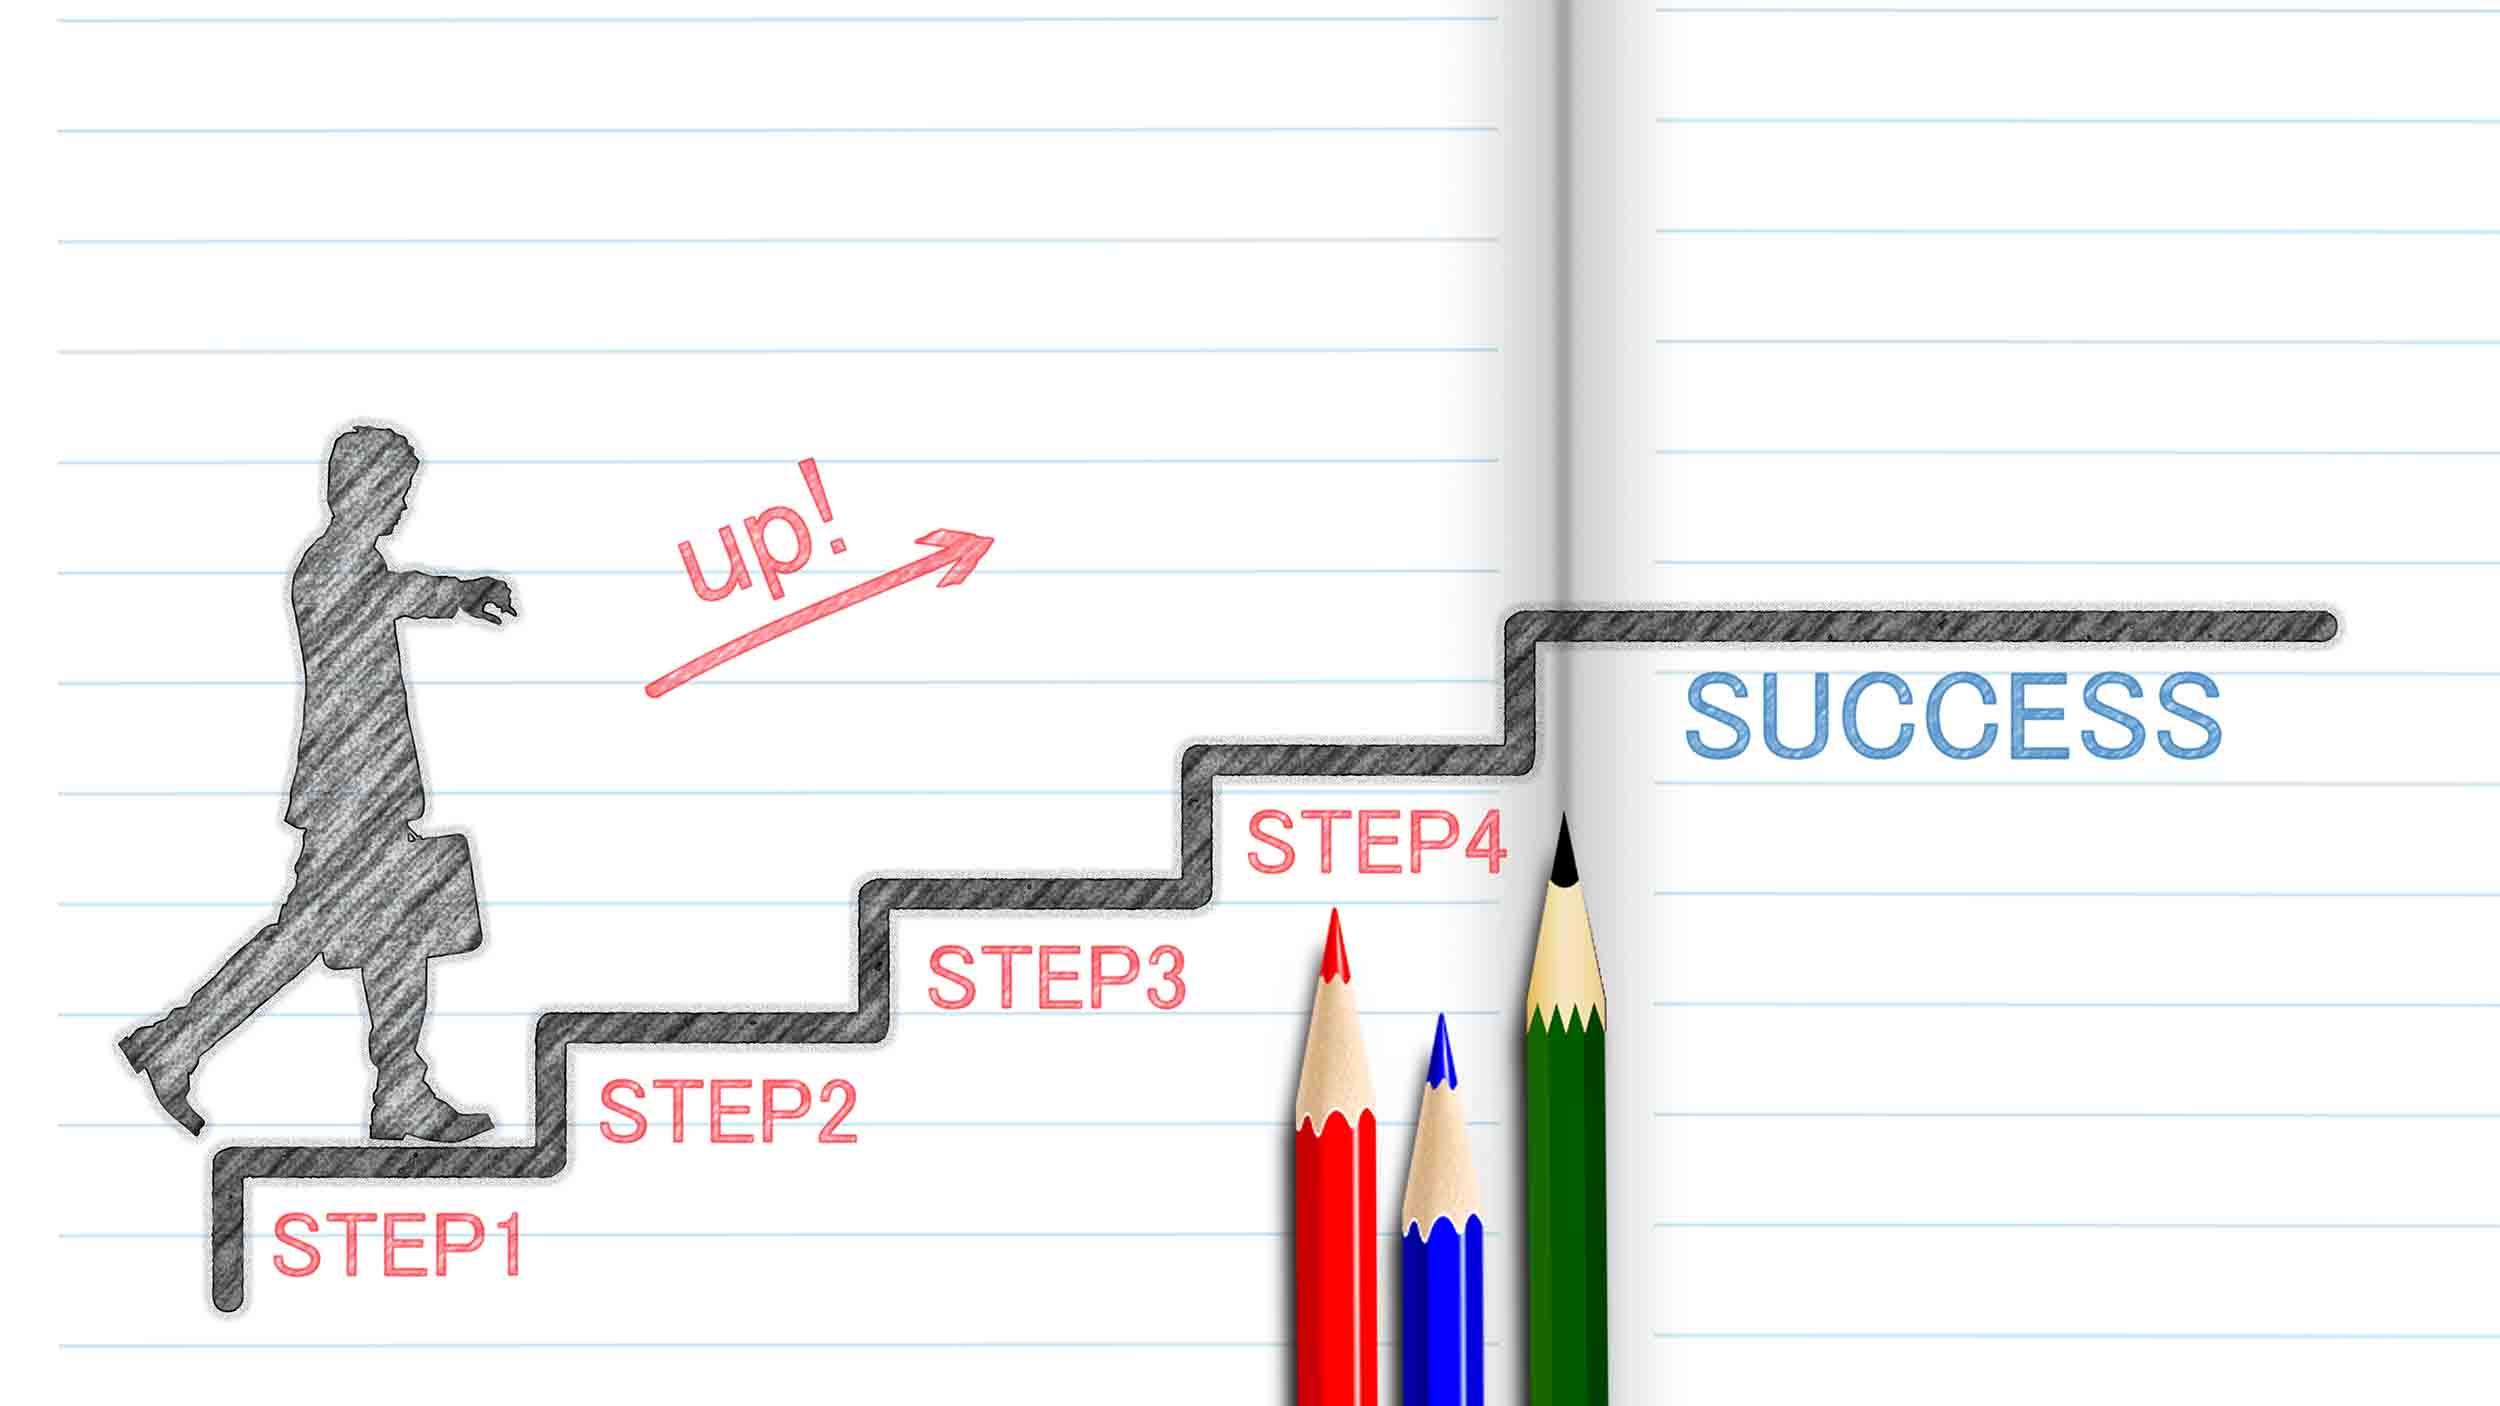 シナリオを立てましょう! | 株の学校カブックス